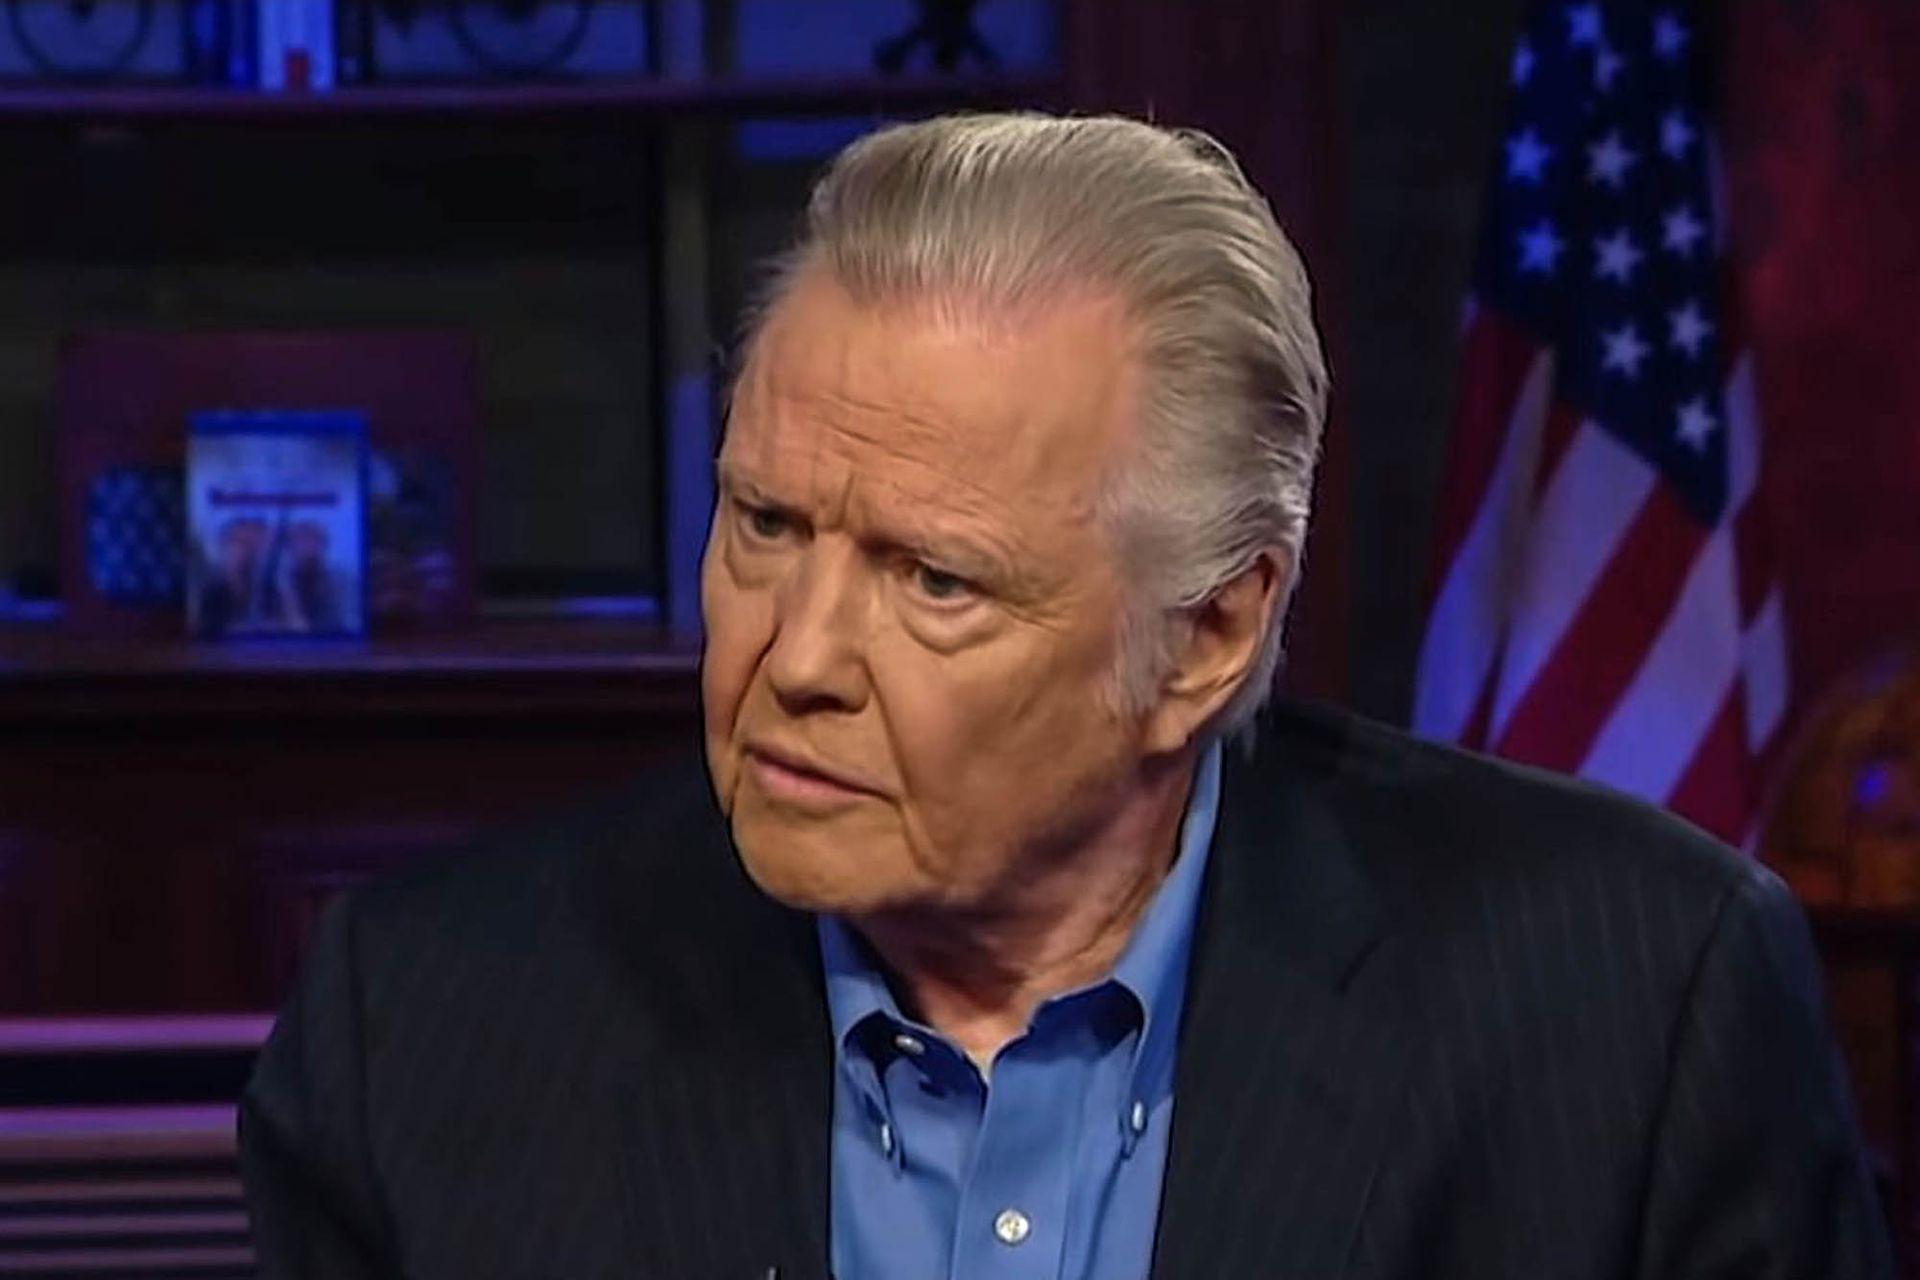 Jon Voight afirmó en la cadena oficialista Fox News que Trump era el mejor presidente desde Lincoln